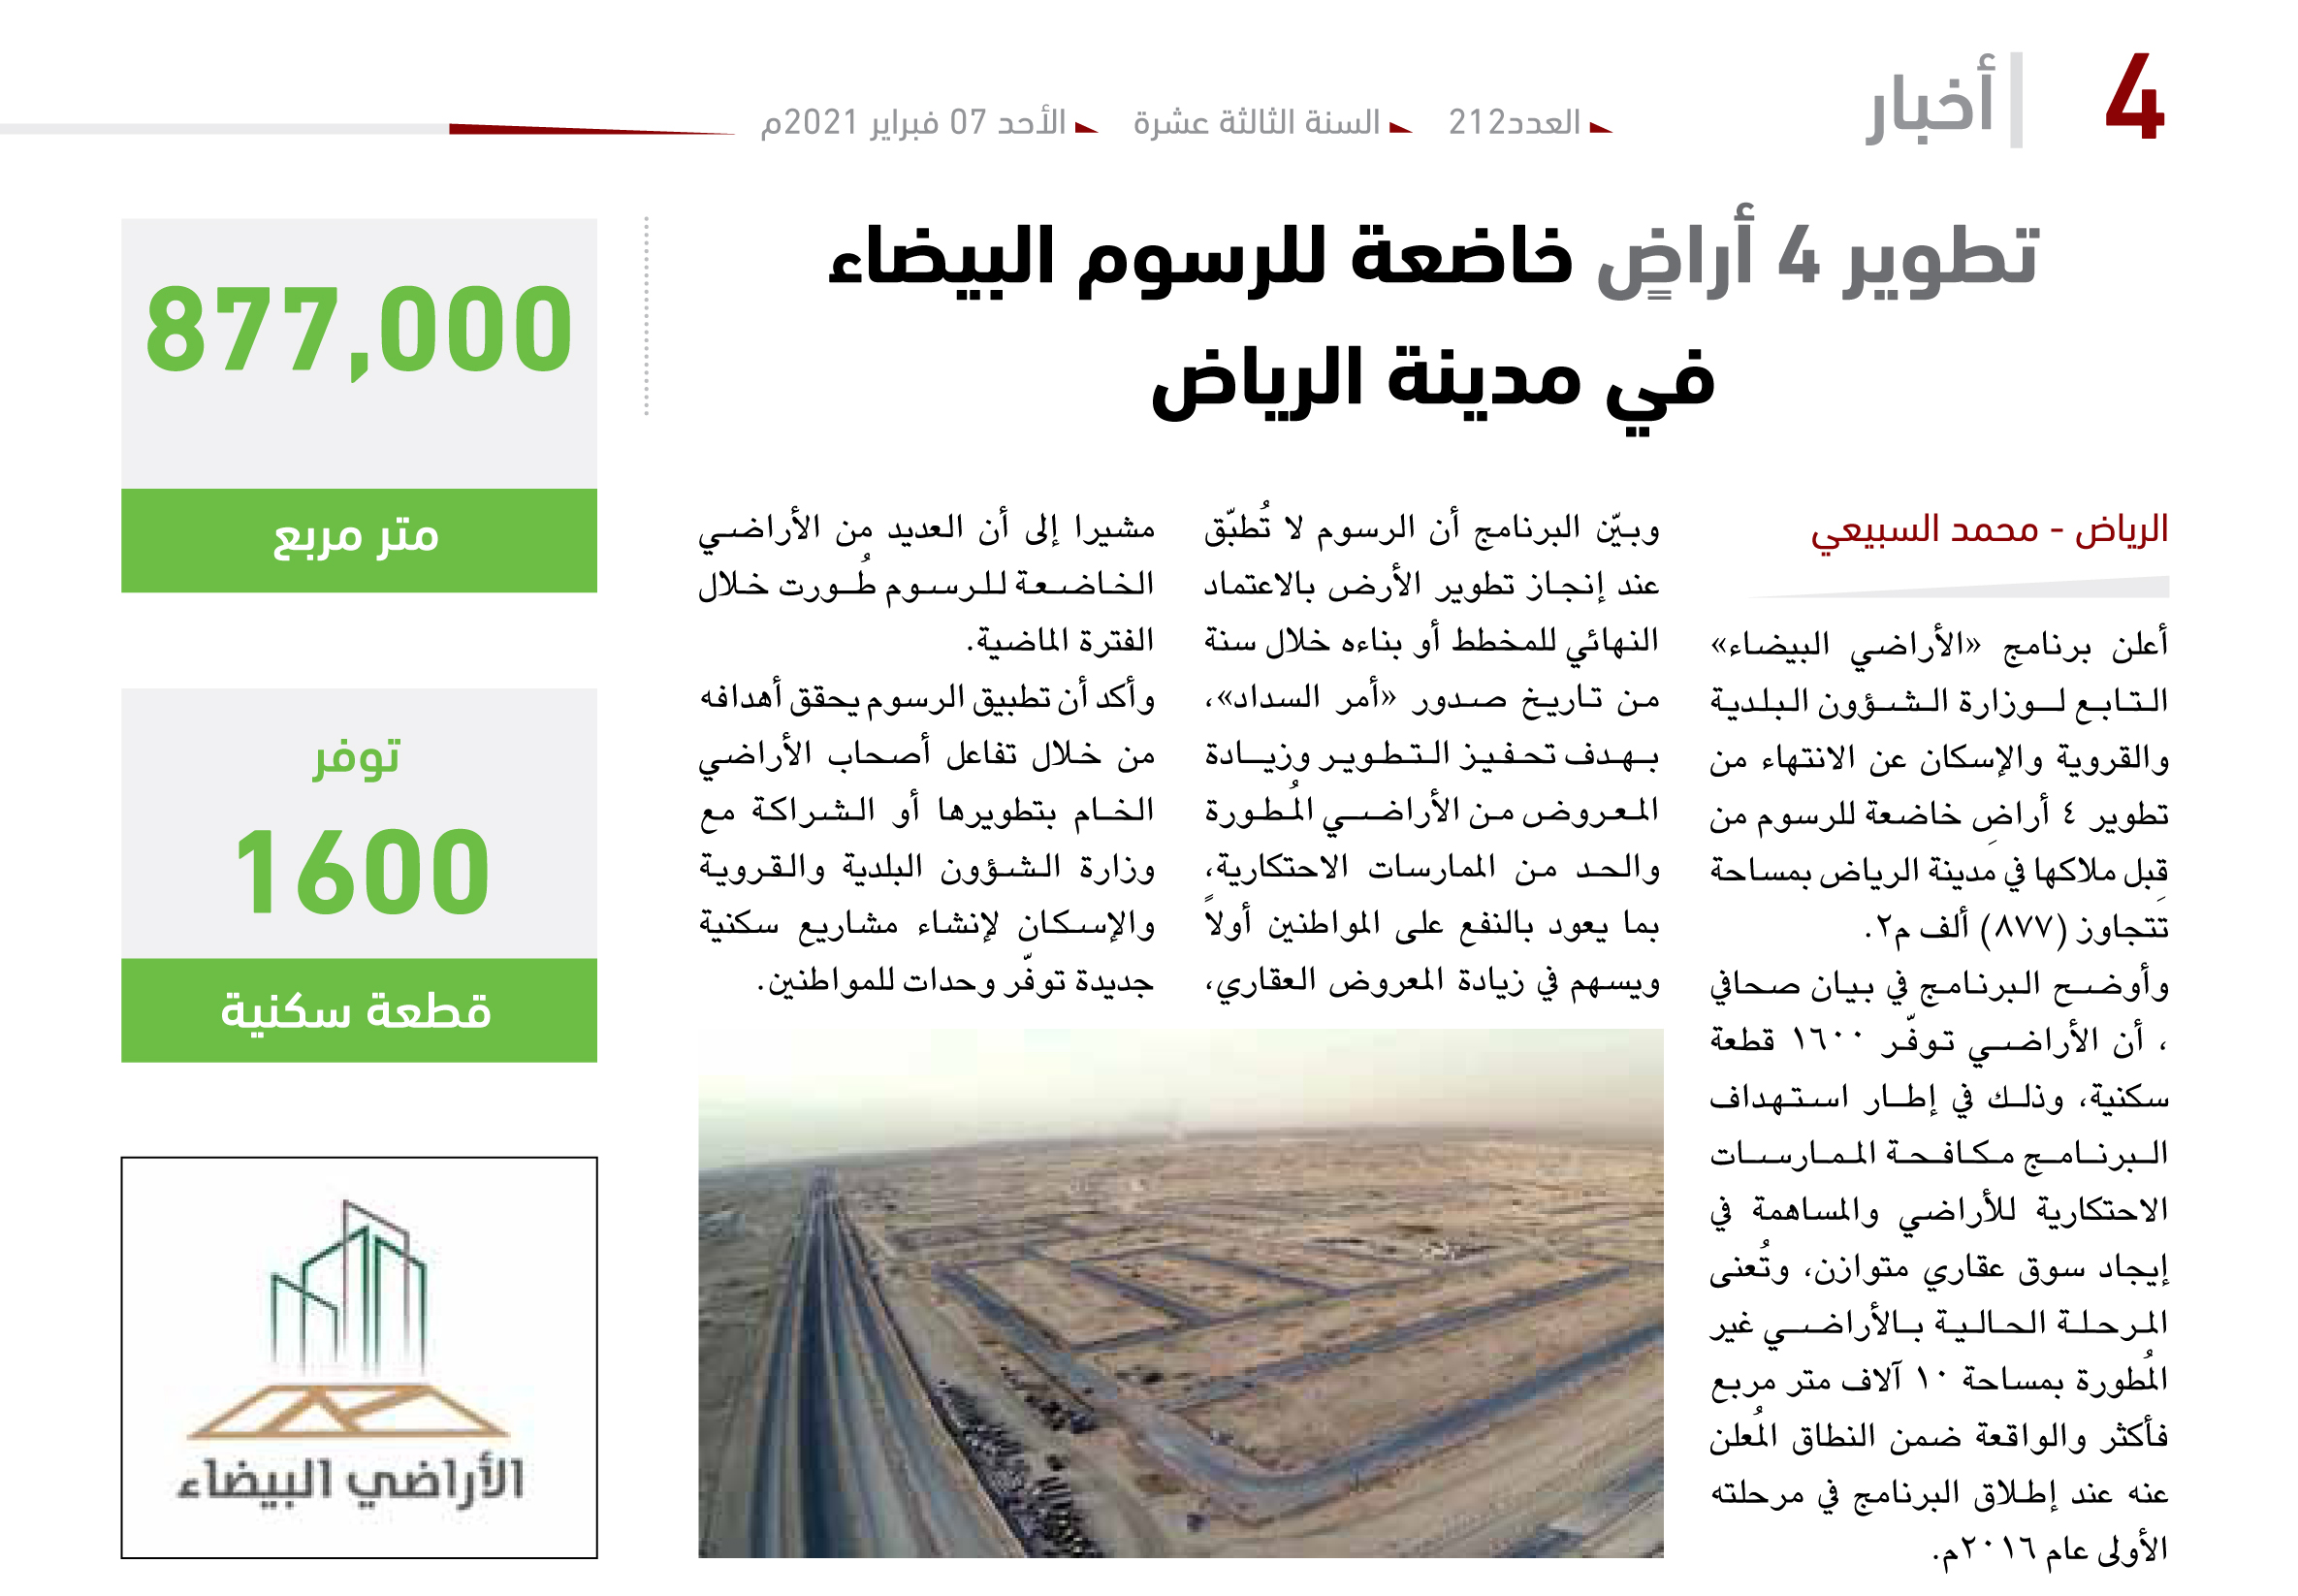 زسوم الأراضي البيضاء في الرياض